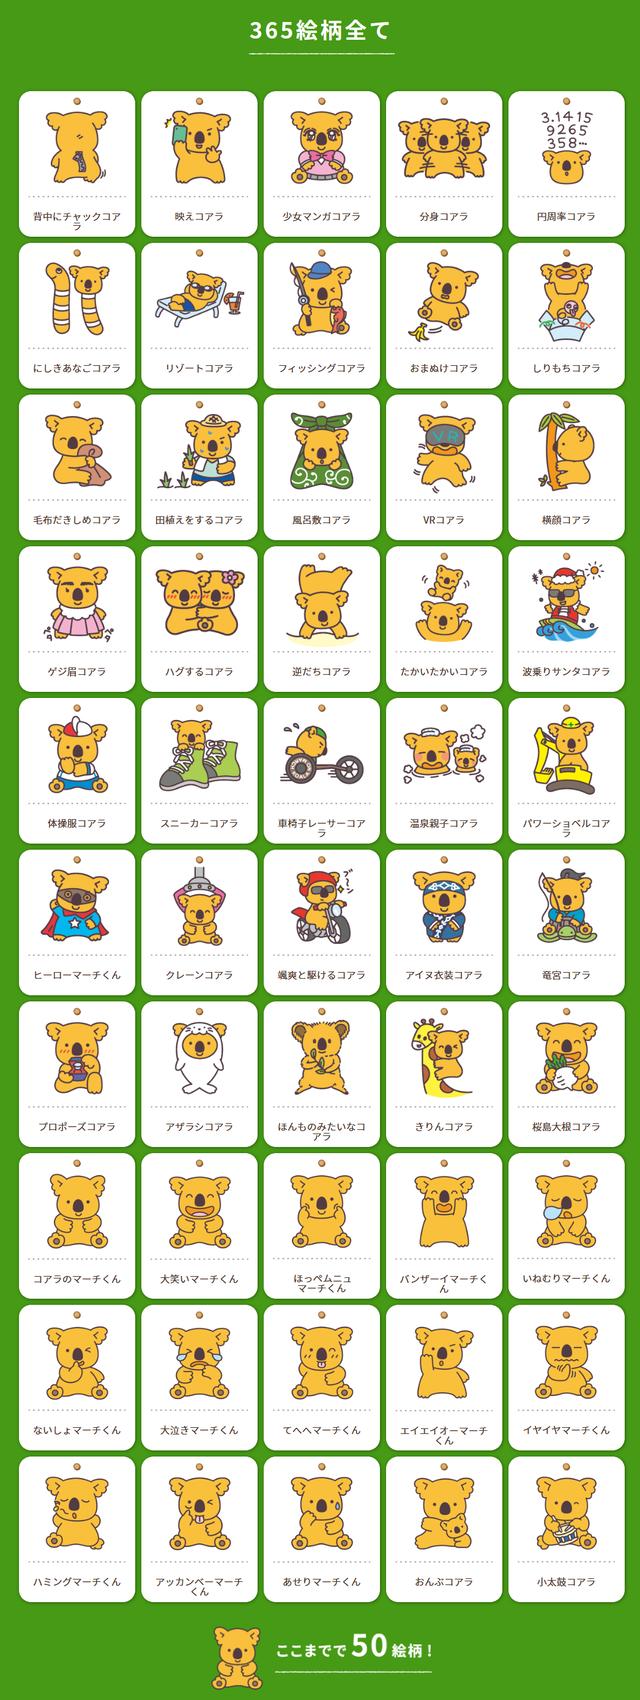 screenshot-www.lotte.co.jp-2020.06.18-11_21_56